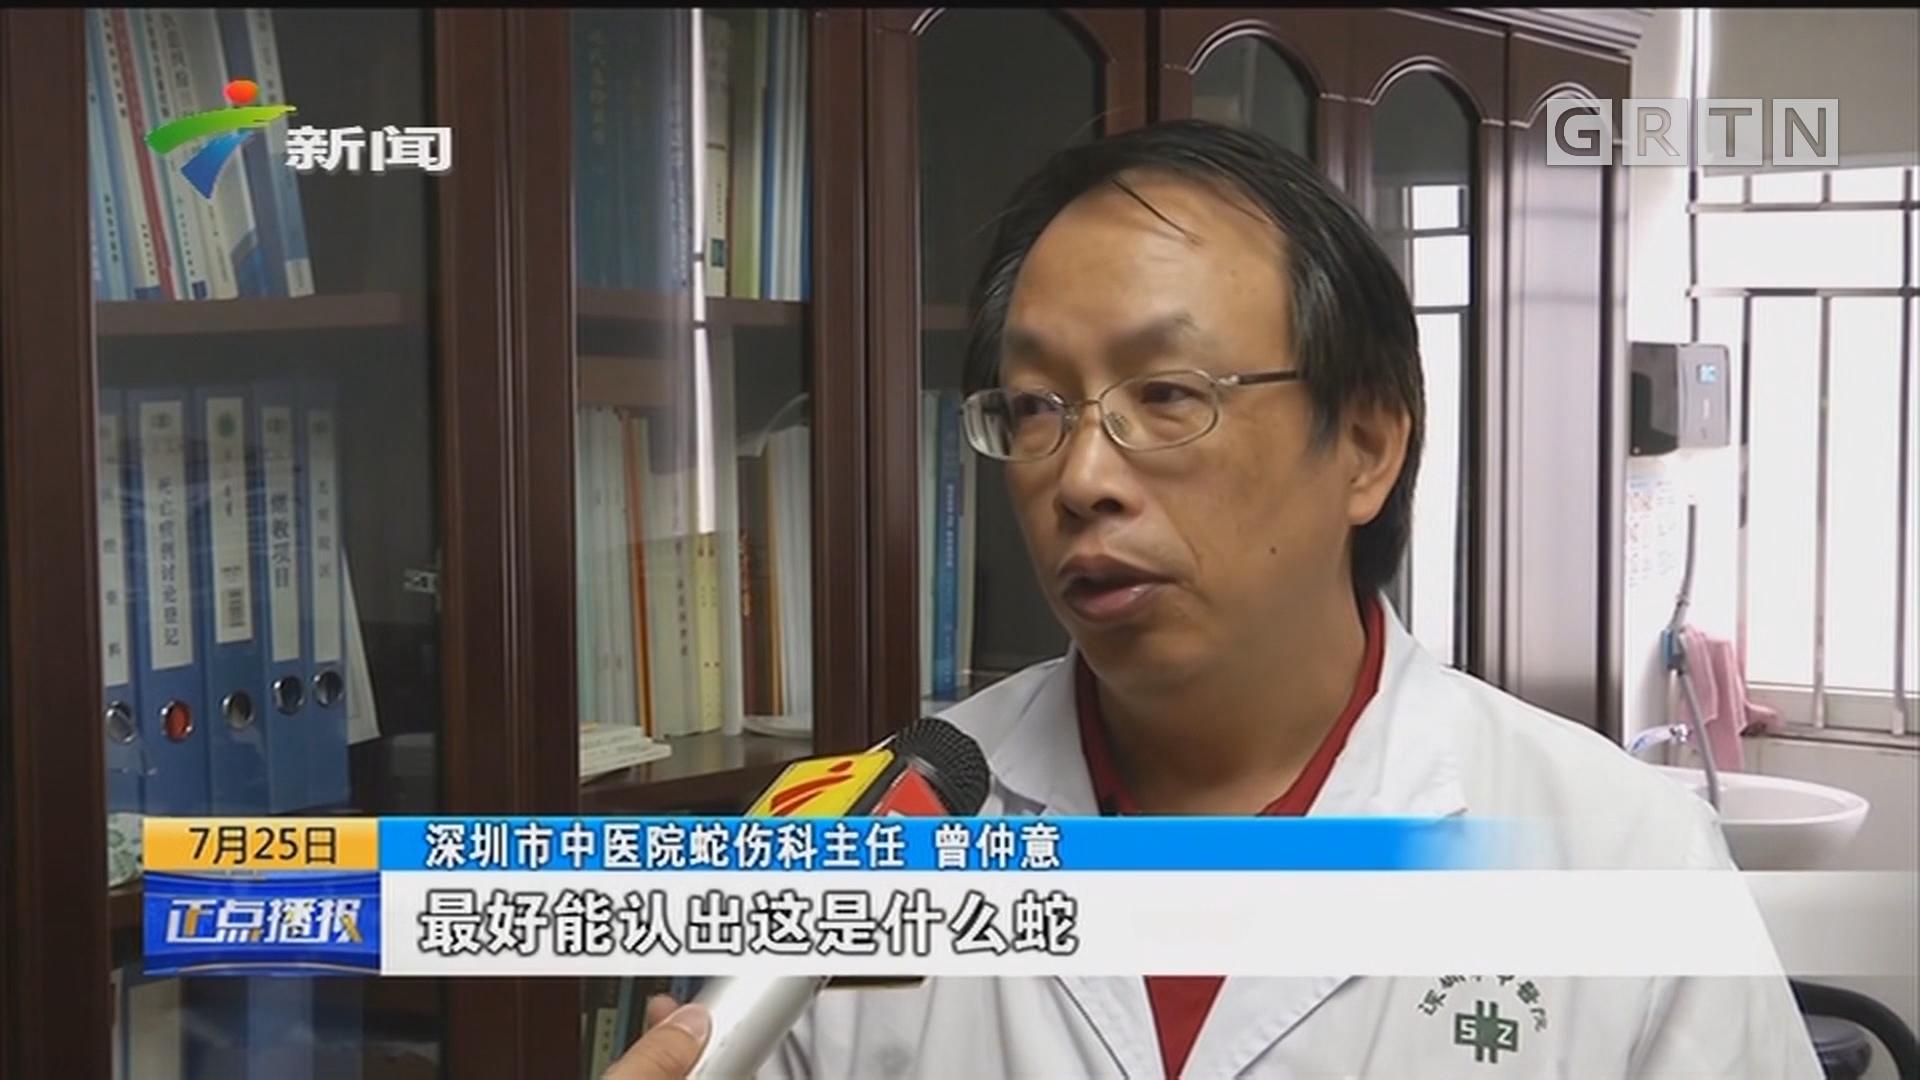 深圳:进入蛇伤高发期 7月份超过100人被蛇咬伤